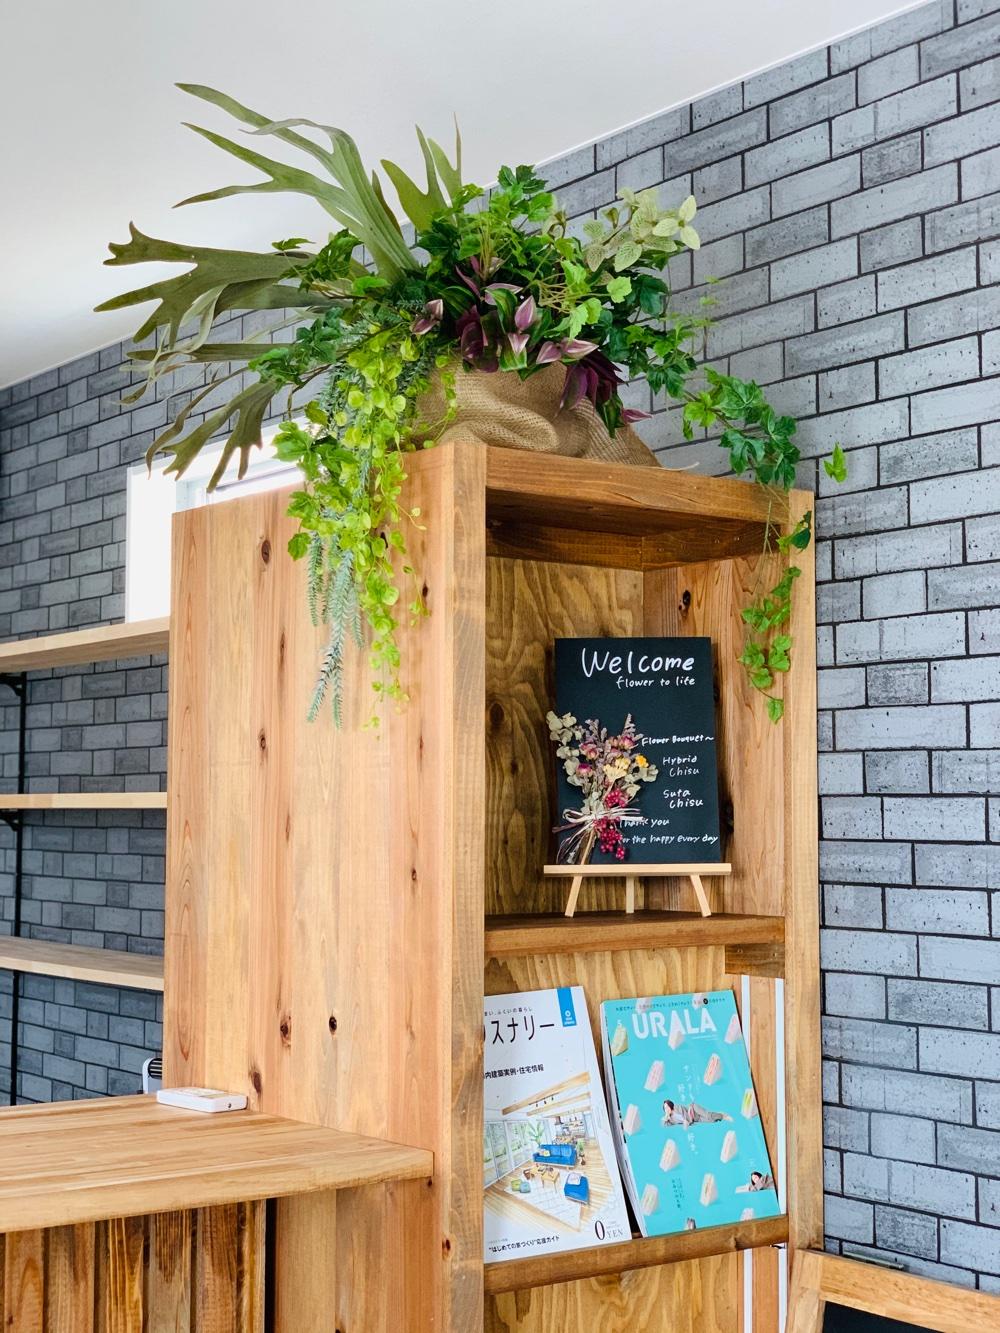 棚の上には垂れる植物のアートフラワーを